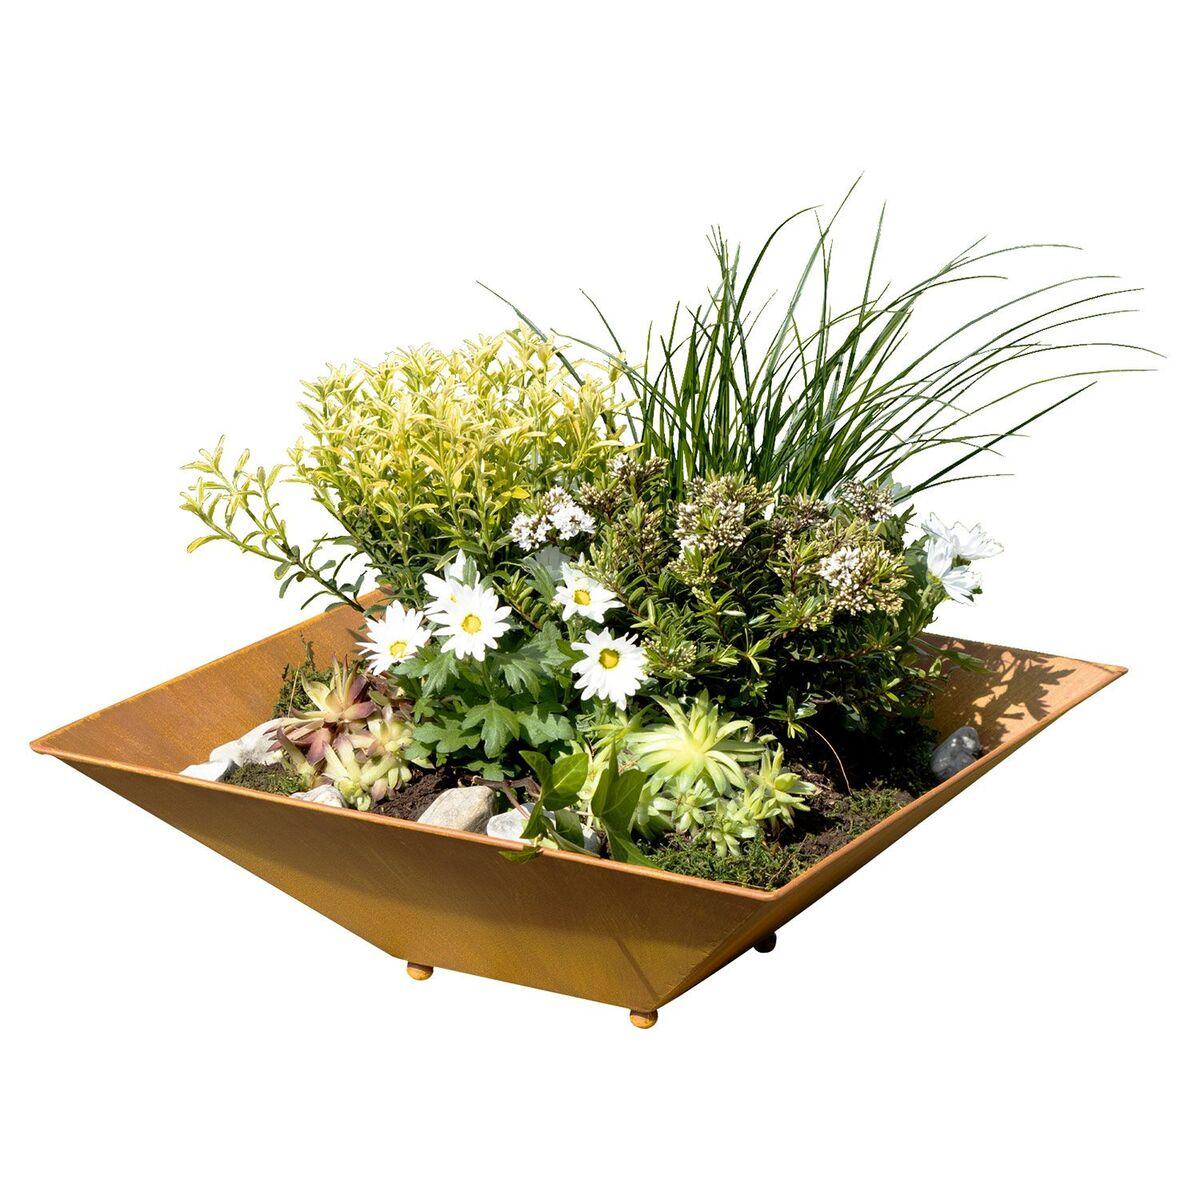 Bild 4 von CASA DECO Gartendekoration